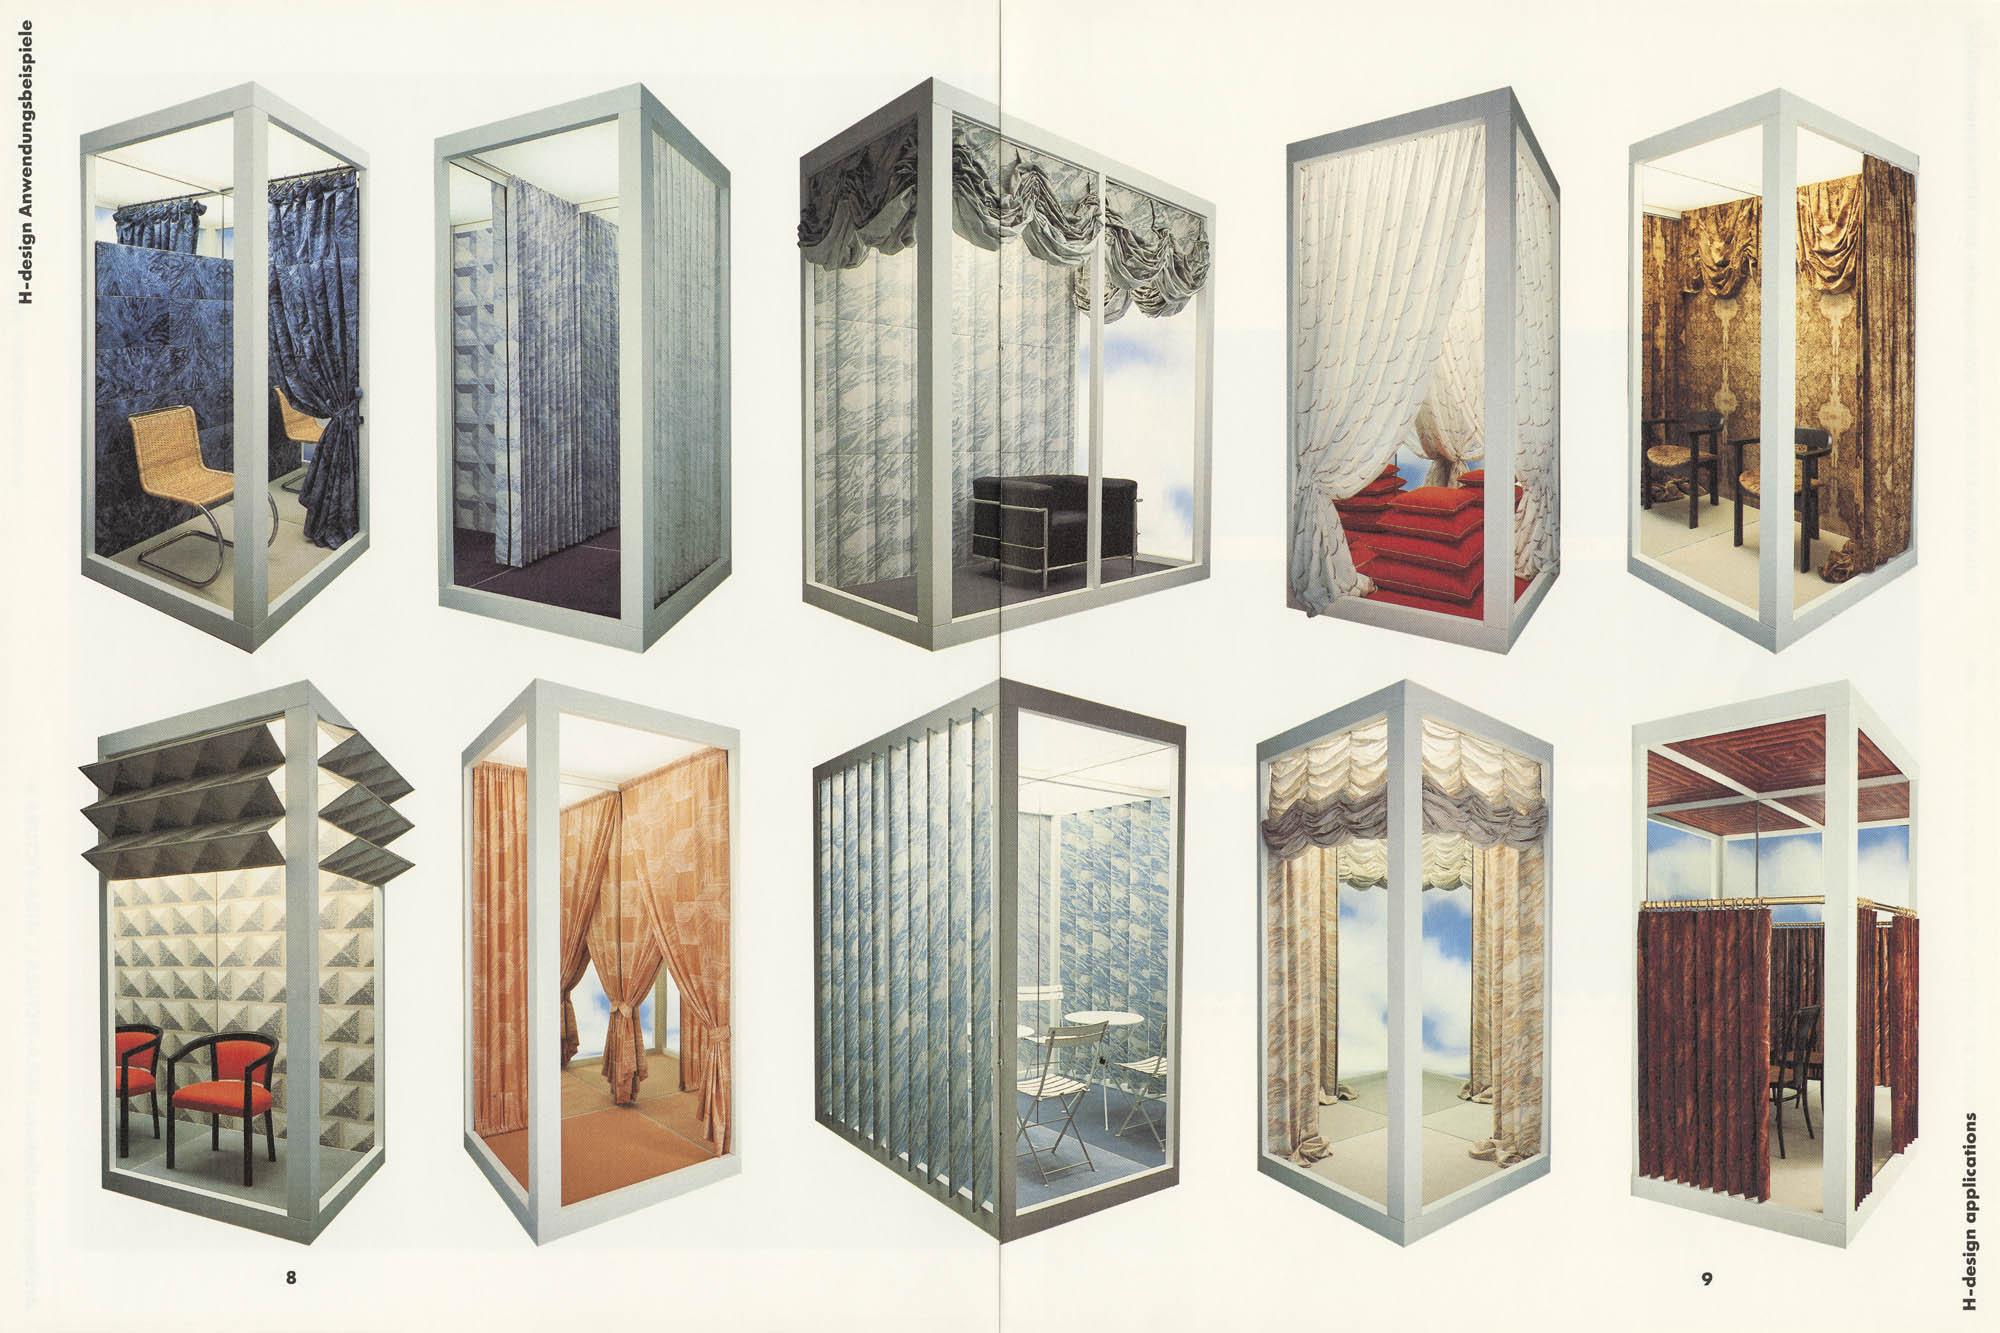 H-Design for Mira-X, Mira Ligneus – Imago Robert Haussmann Trix Haussmann